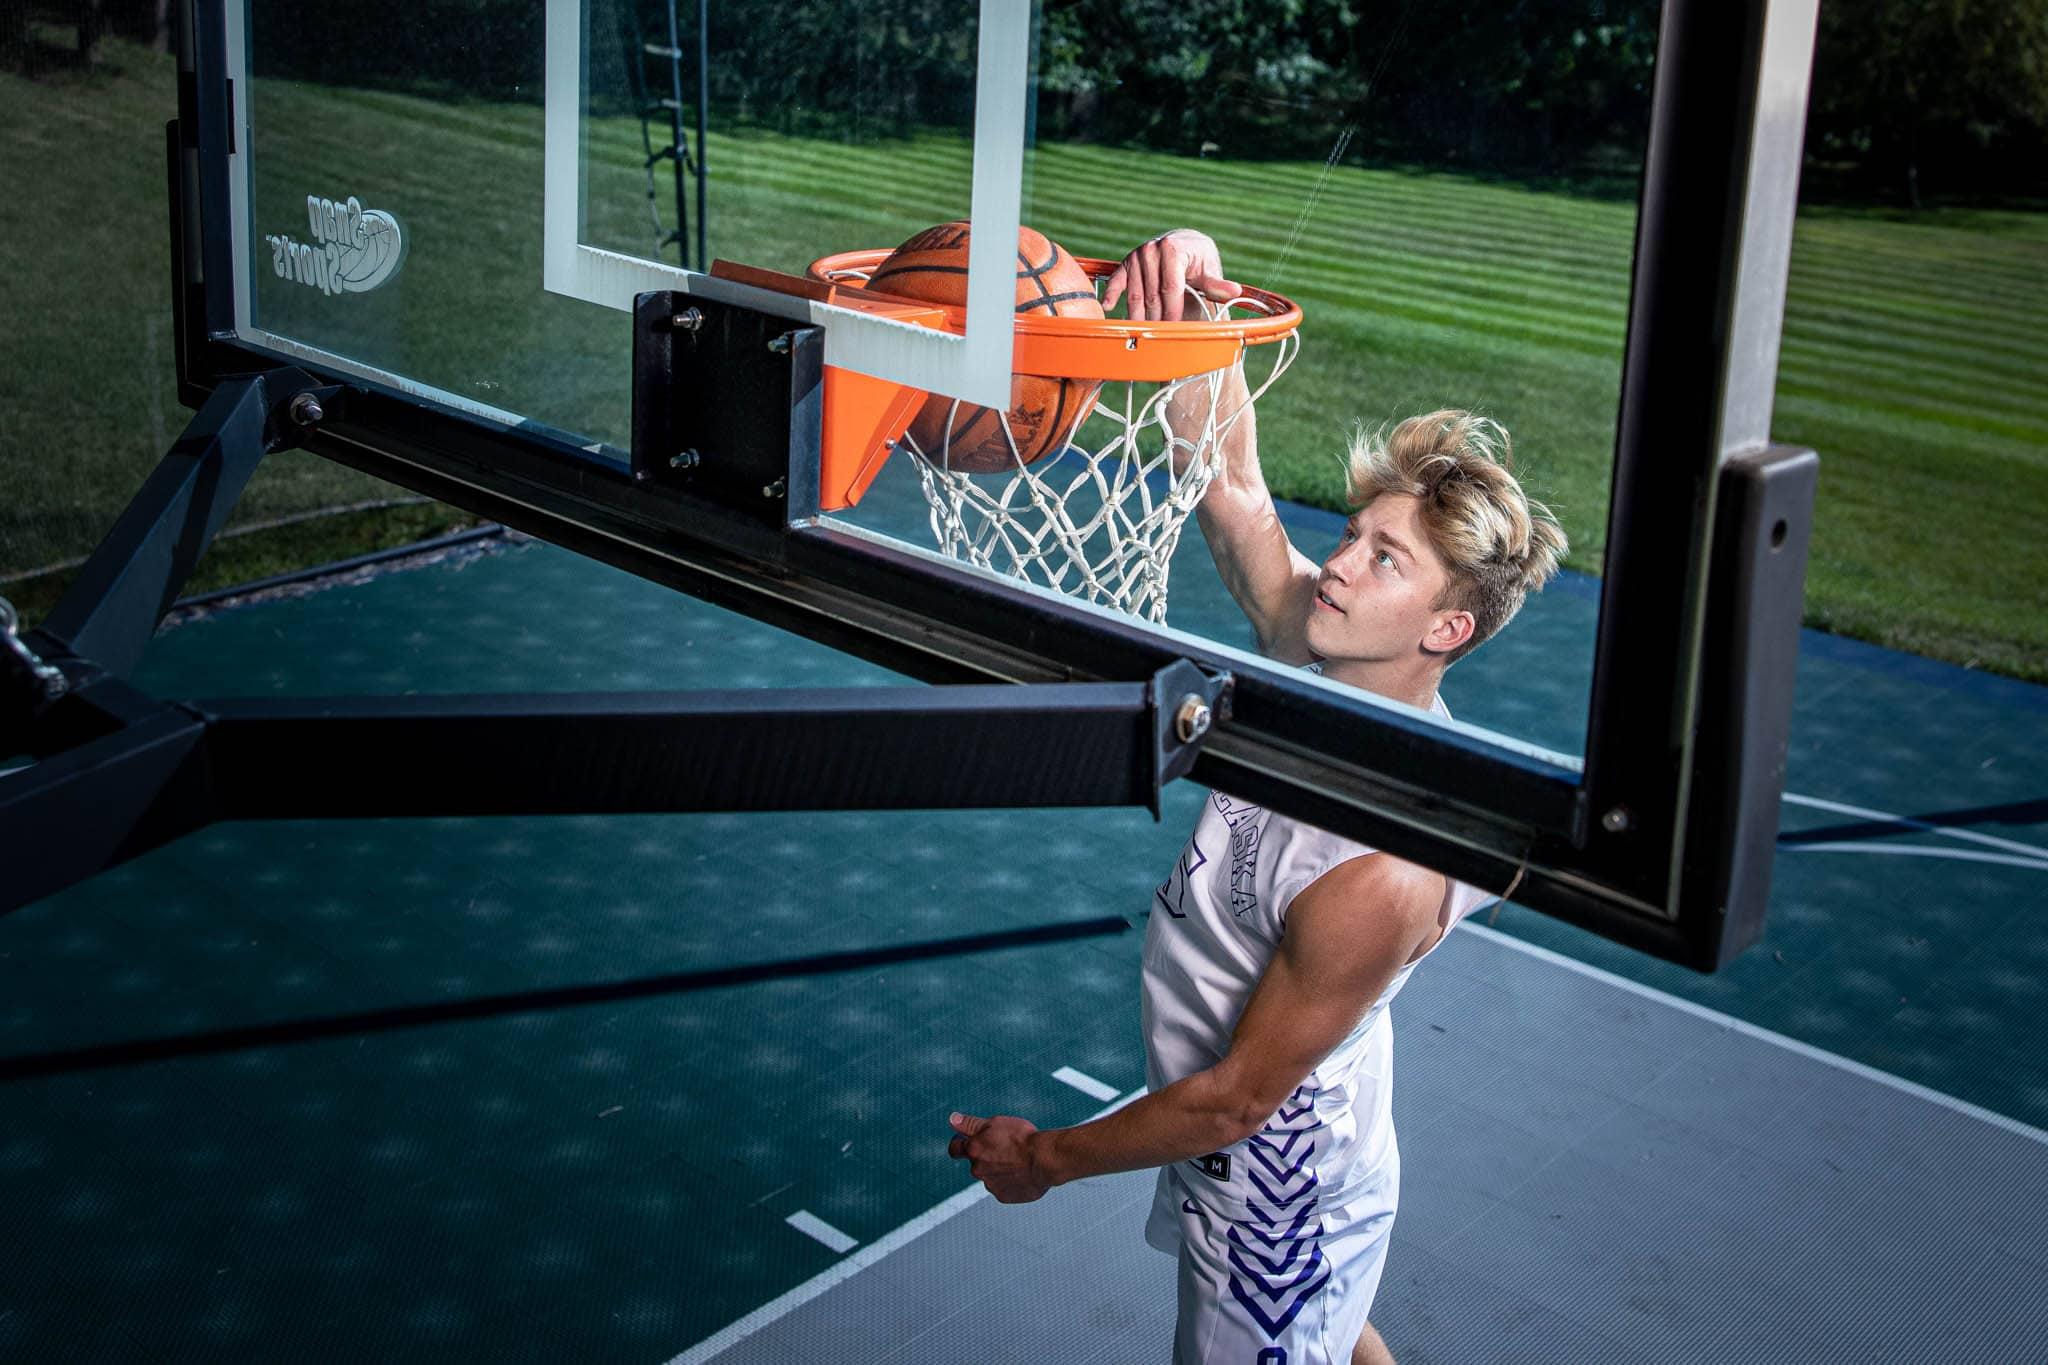 La Crosse Photography Basketball